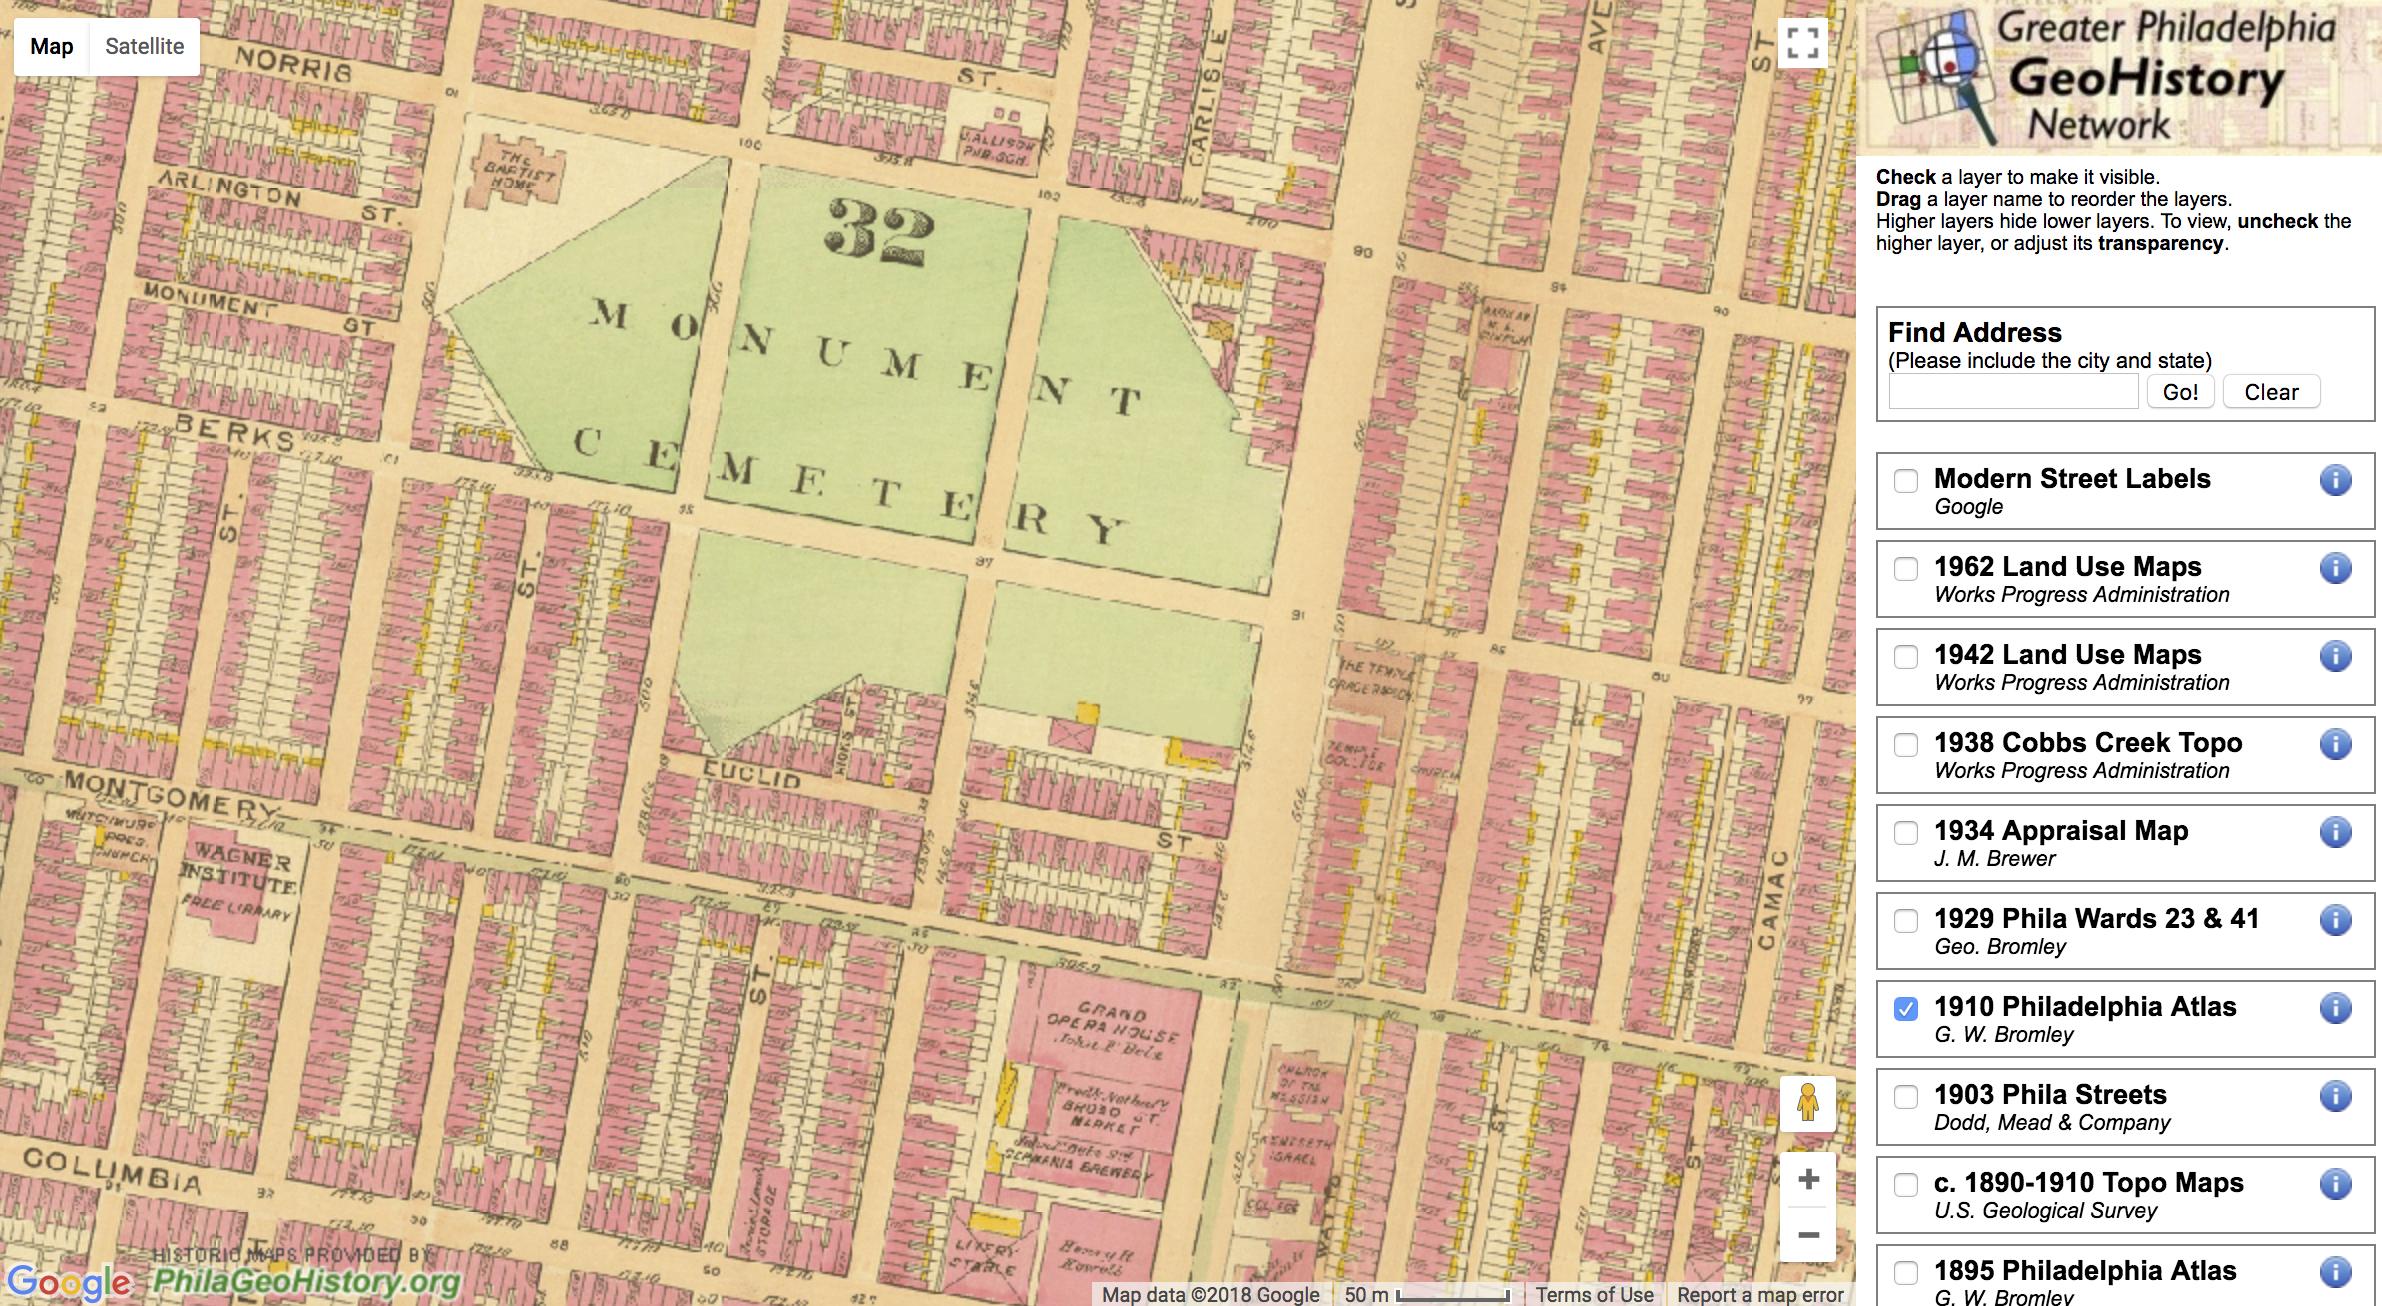 1910 Philadelphia Atlas